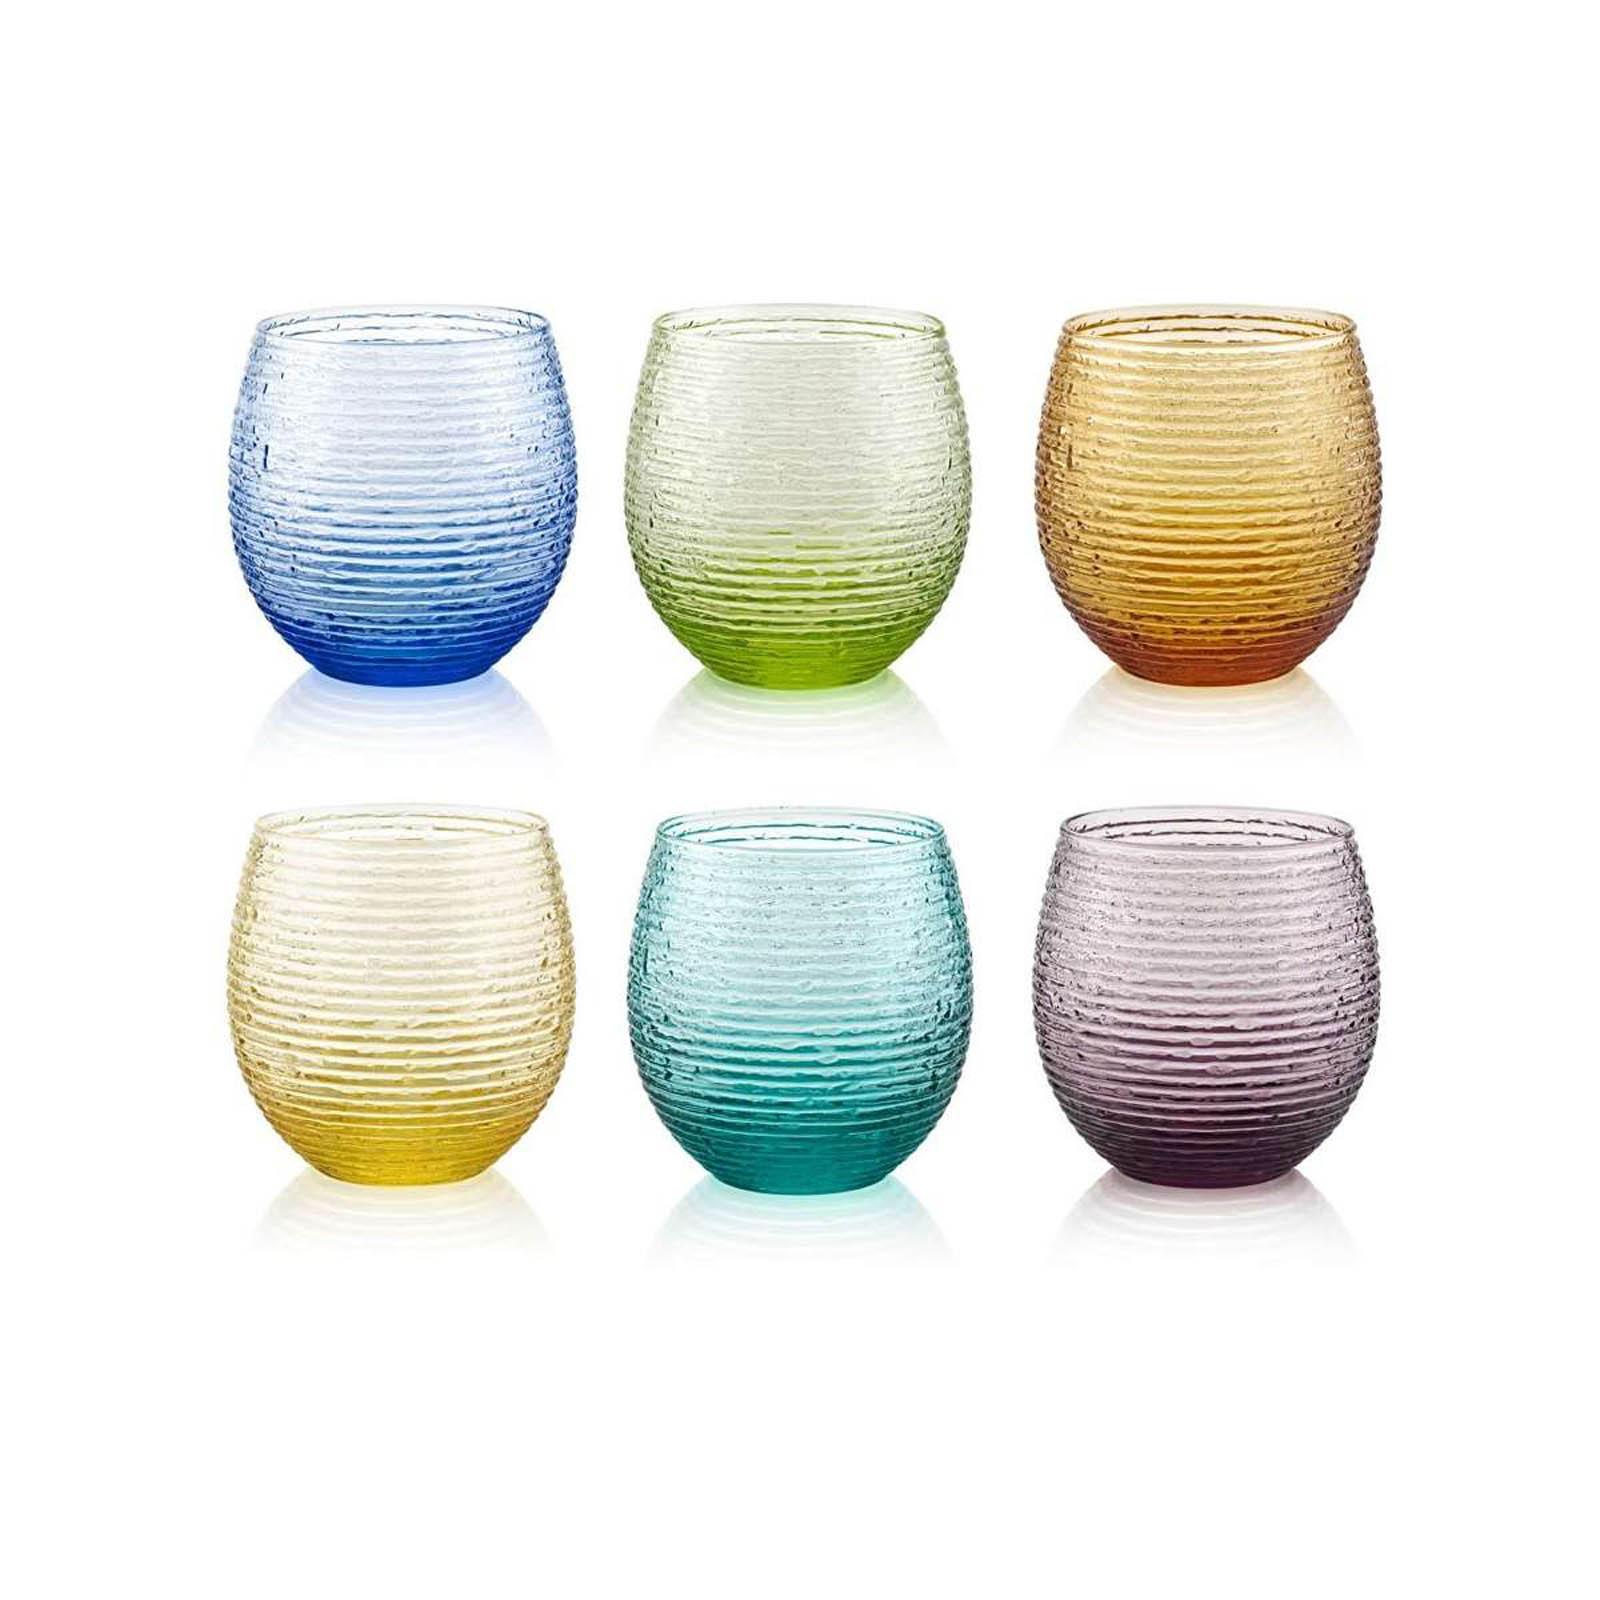 Bicchieri acqua IVV 6 pz multicolor